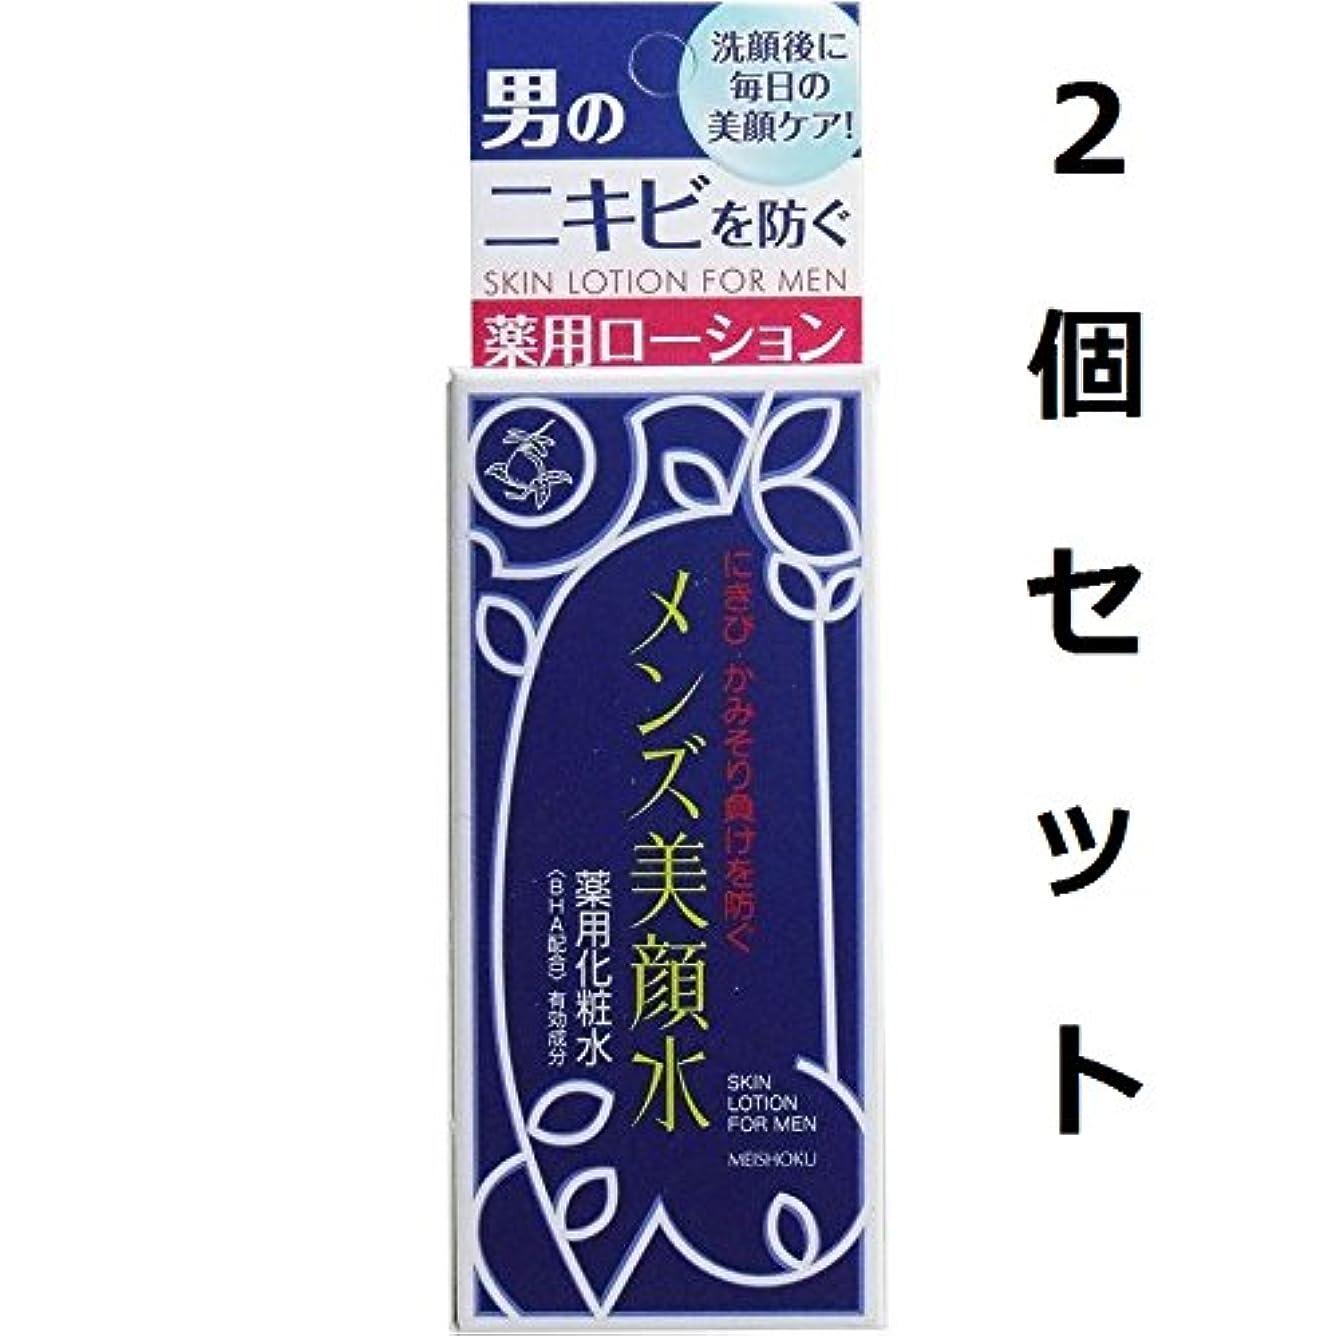 電気フレームワーク呼吸洗顔後に毎日の美顔ケア 薬用メンズ美顔水 80mL 2個セット